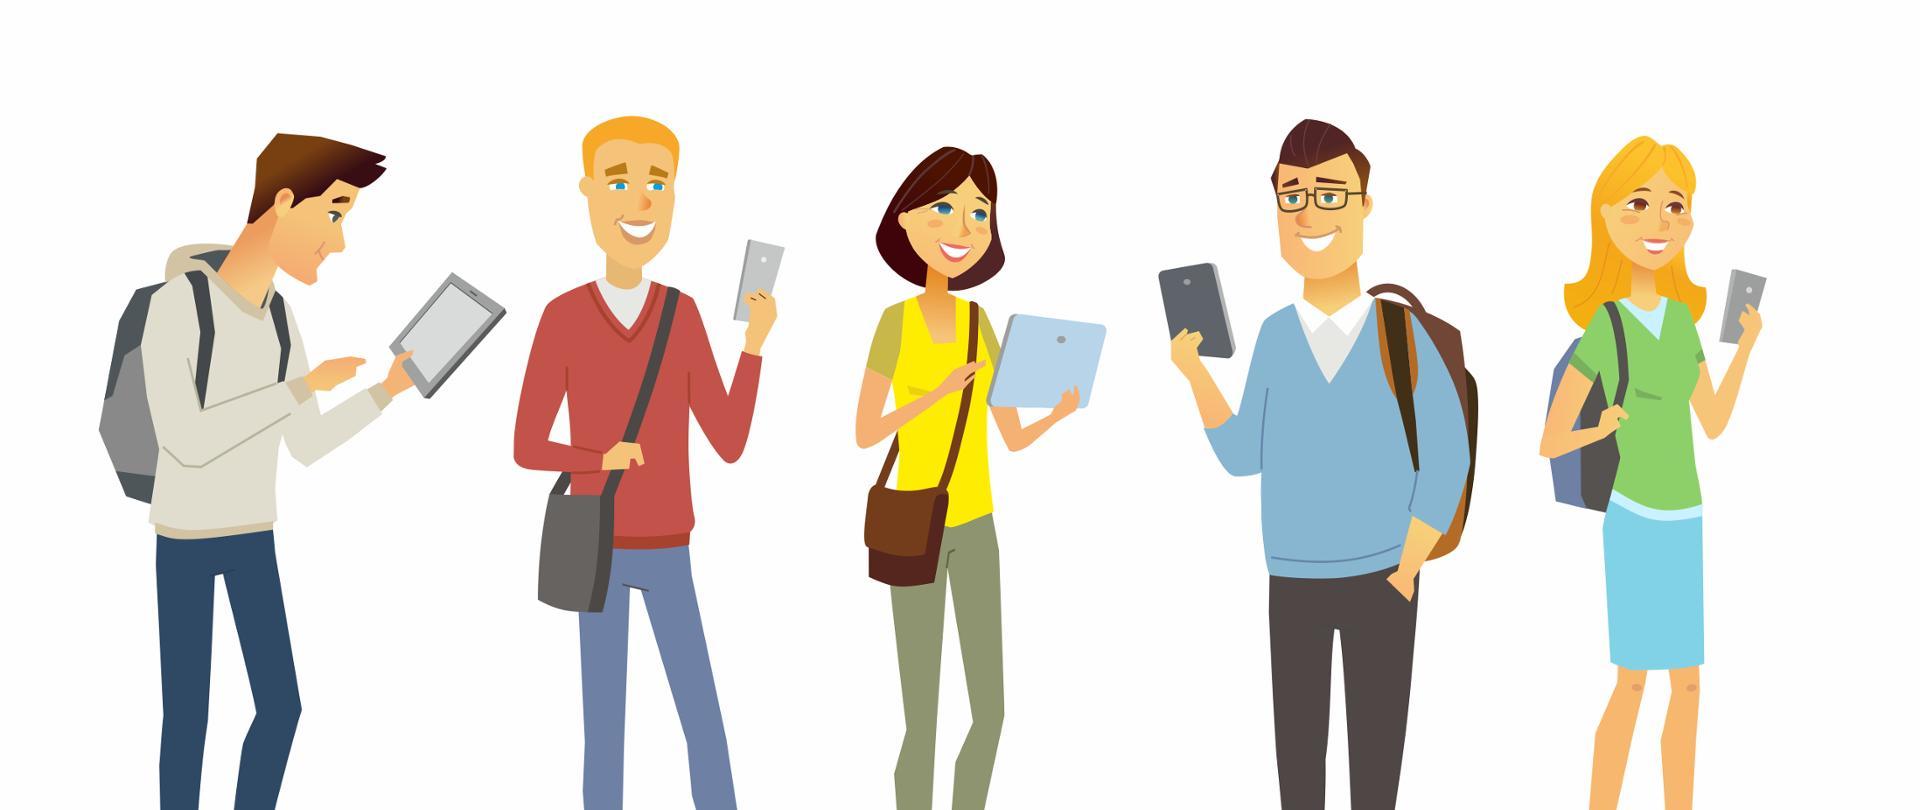 Grafika wektorowa - pięć osób (trzech mężczyzn i dwie kobiety). Każda z nich trzyma w dłoni tablet lub smartfon.